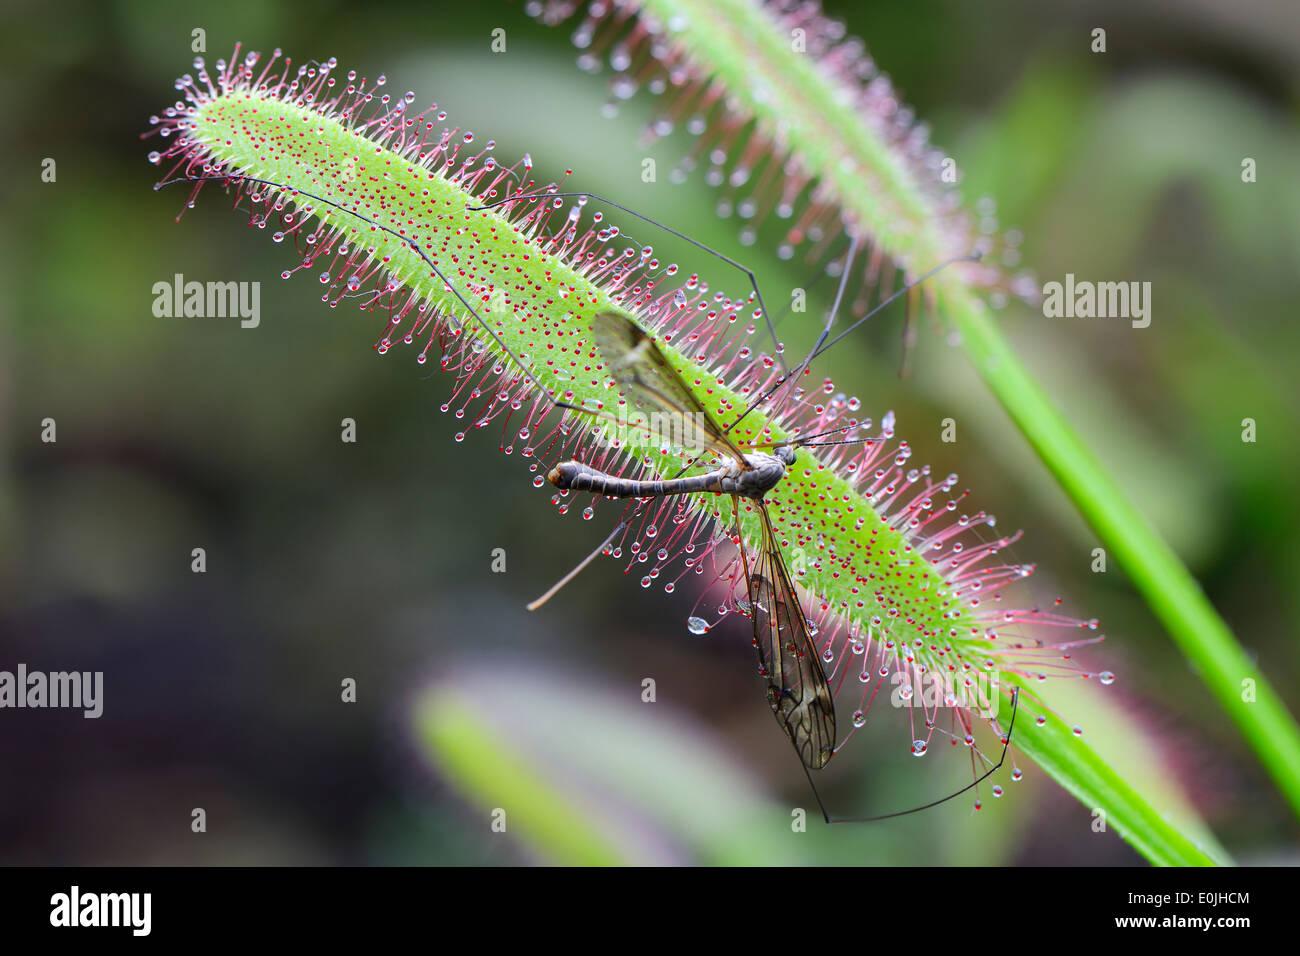 Fliege ist gefangen vom Kap-Sonnentau ( Drosera capensis), Vorkommen Südafrika - Stock Image